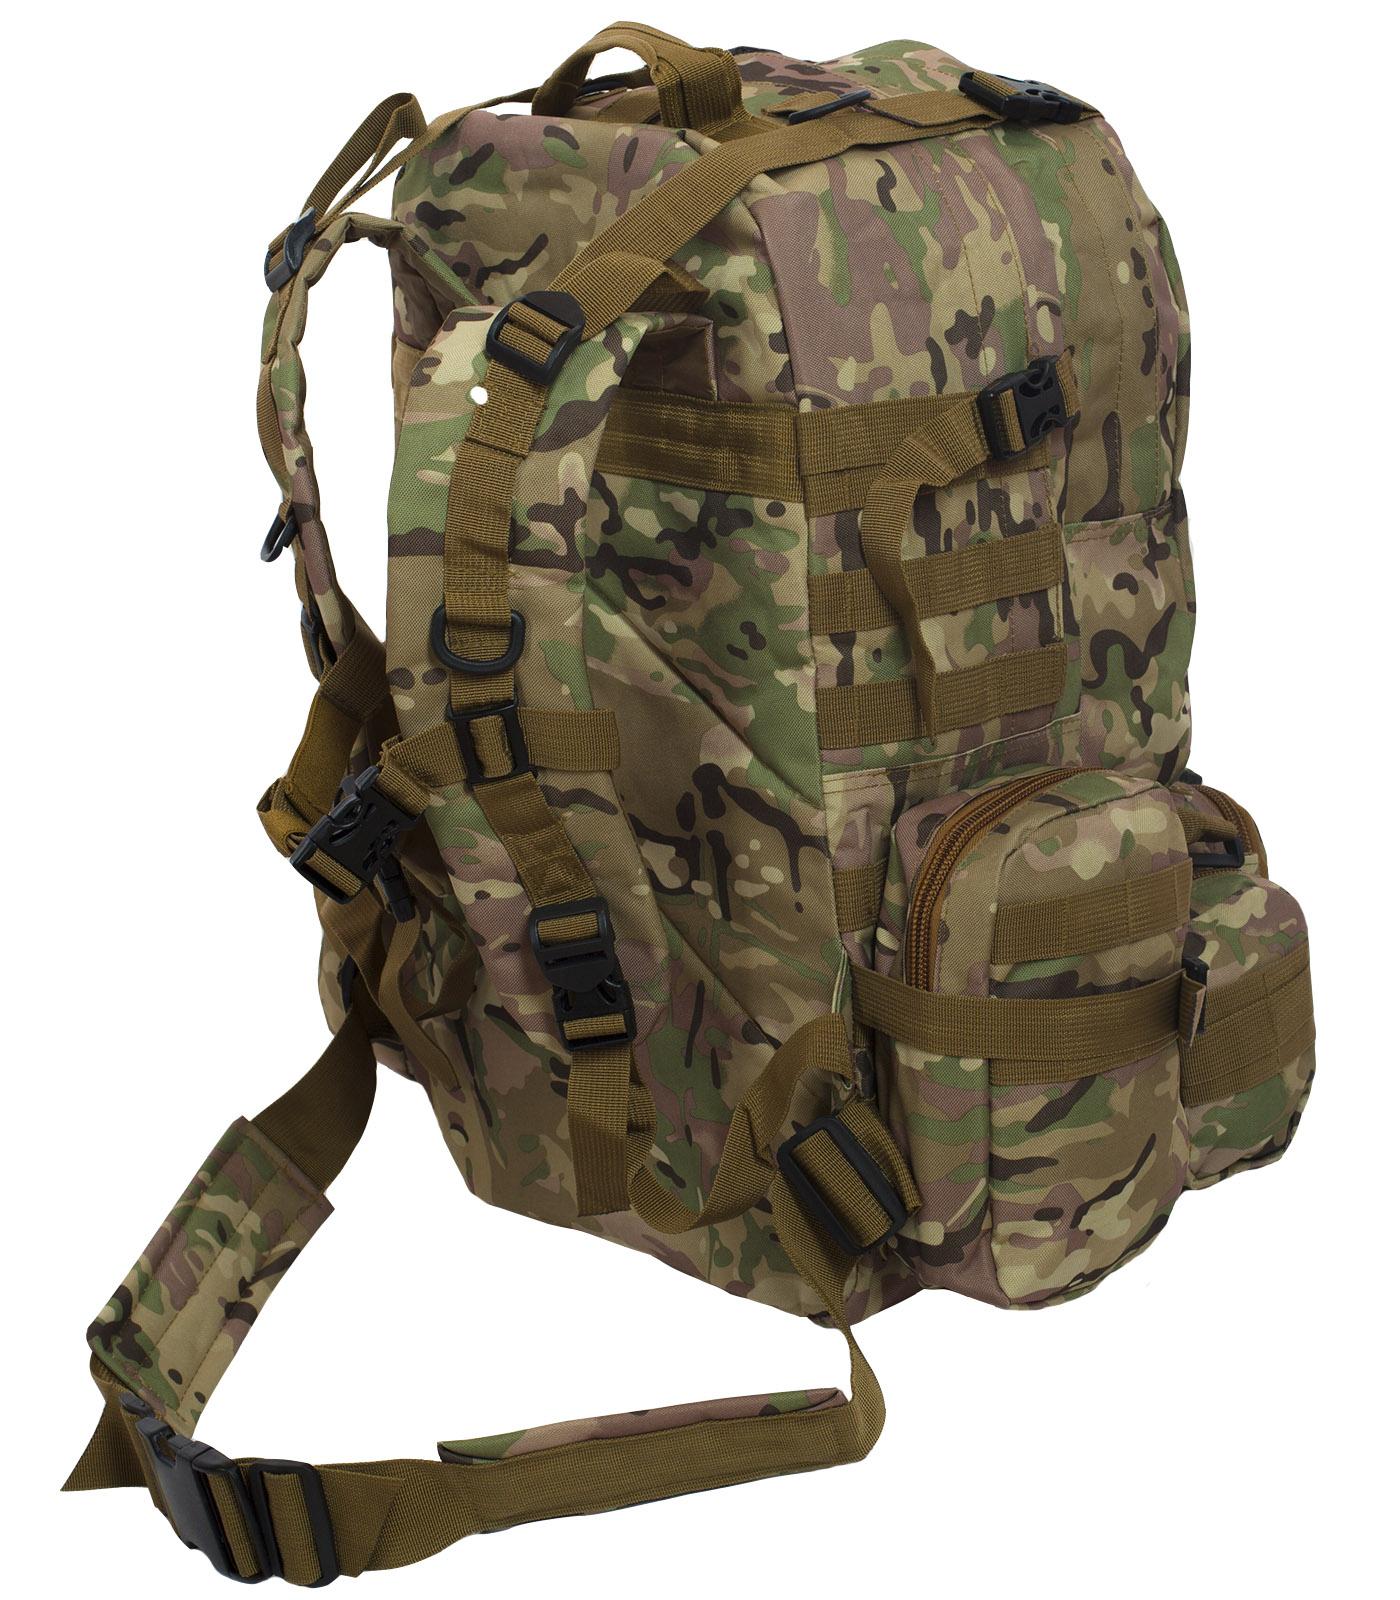 Огромный выбор спецназовских рюкзаков ГРУ в интернет магазине Военпро